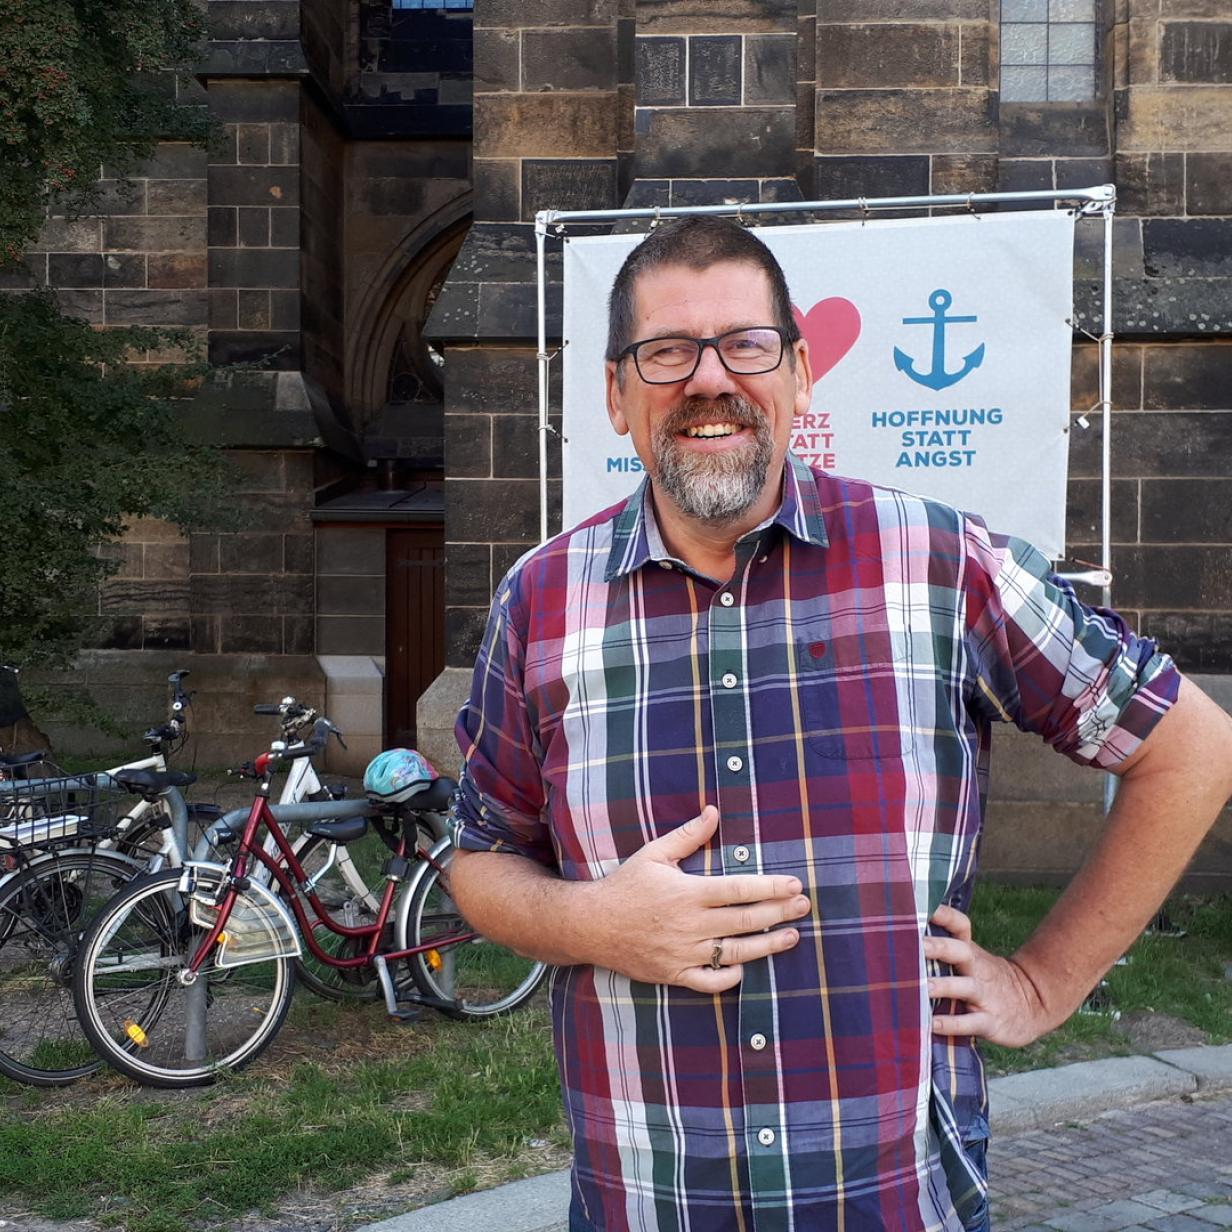 Mut statt Wut: Der Pfarrer und die Neonazis